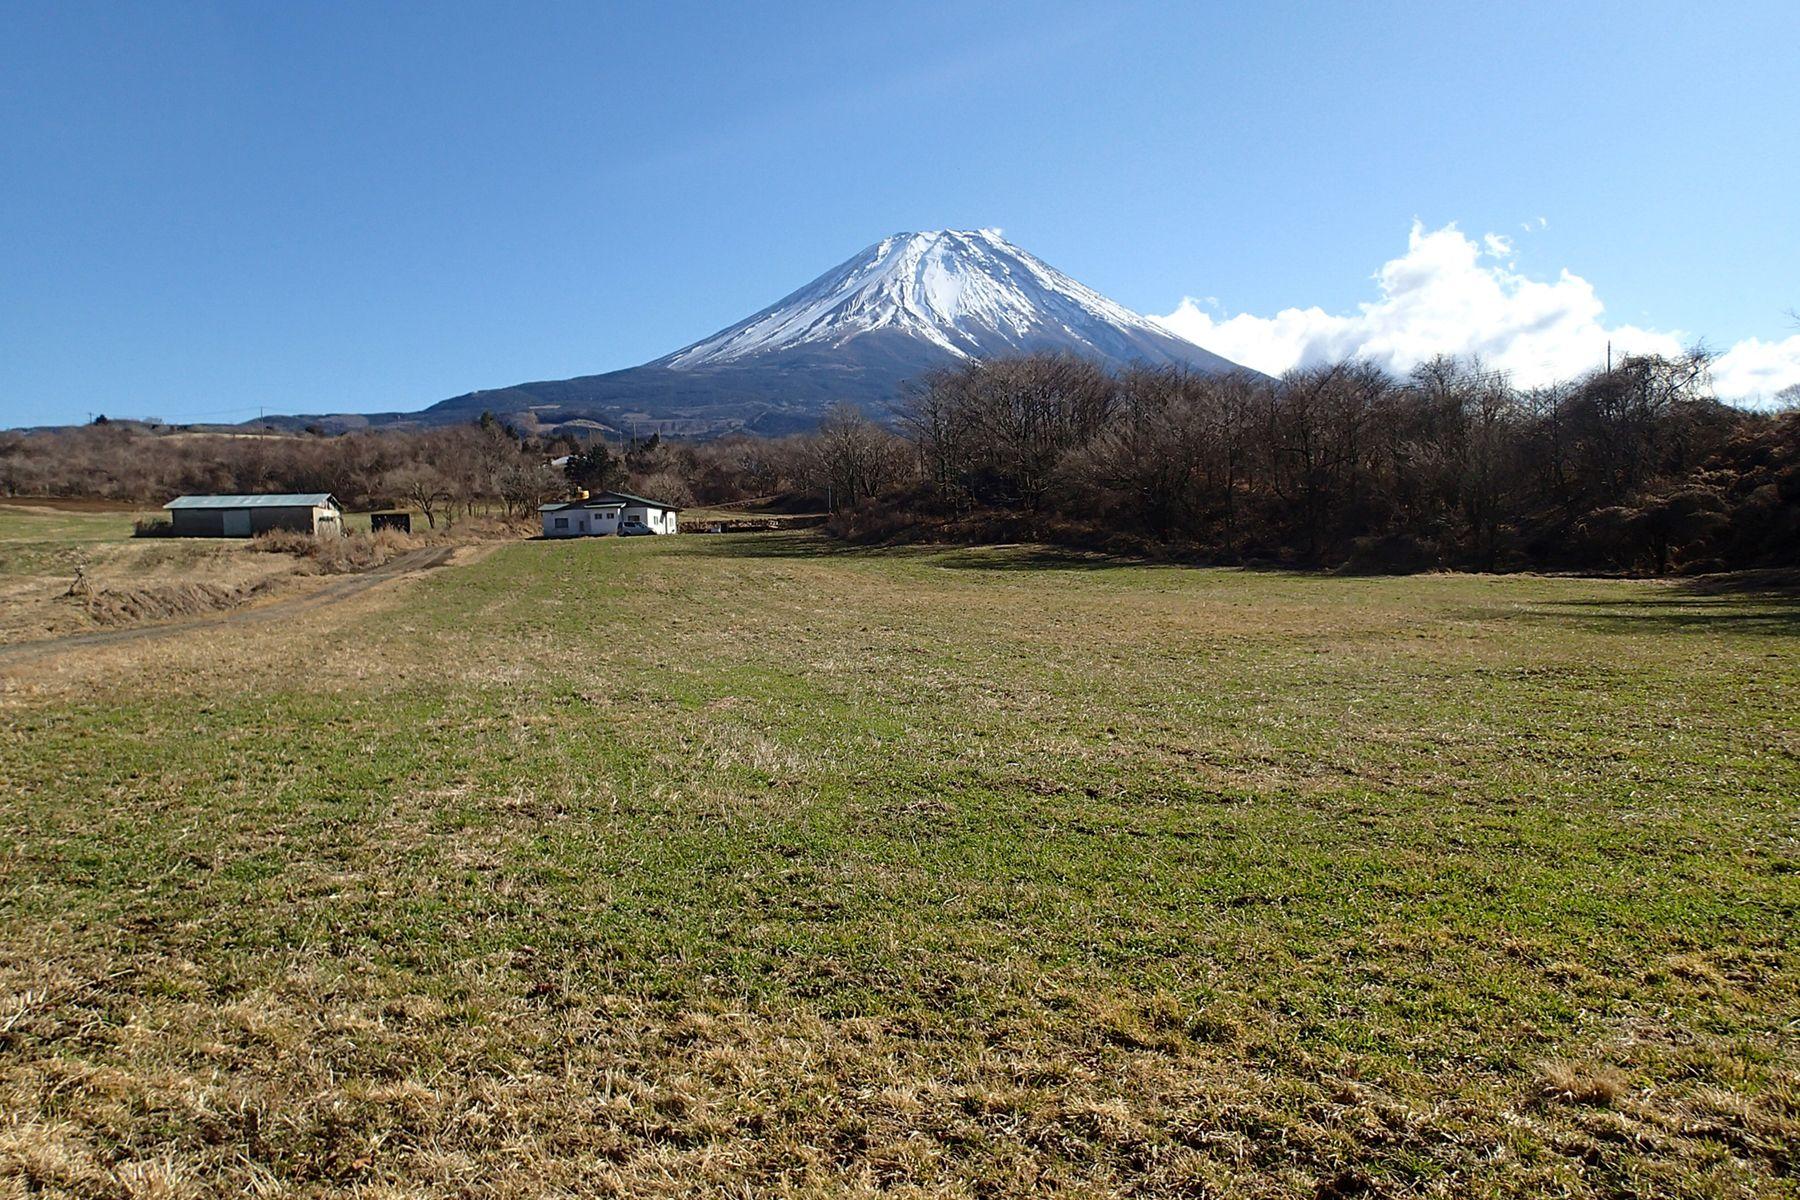 グリーンゲーブル富士ヶ嶺 (グリーンゲーブルフジガネ)2019年1月 牧草地